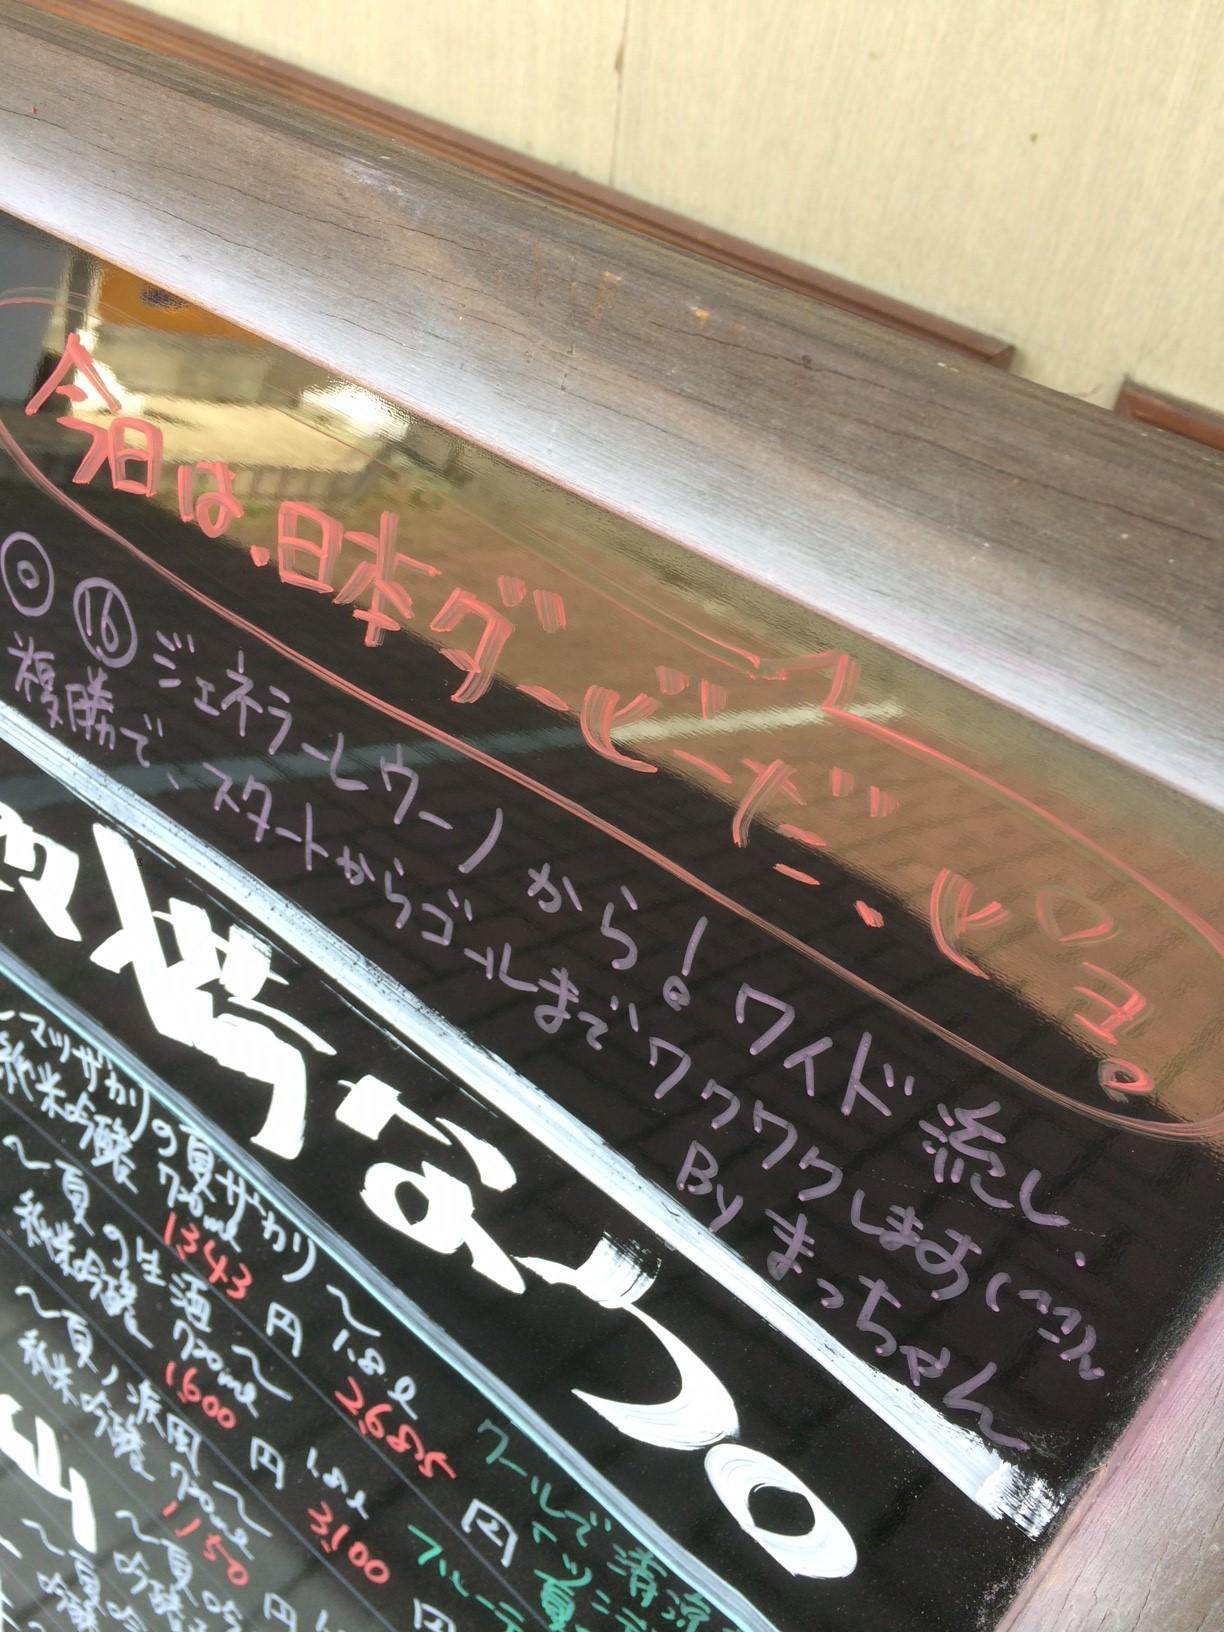 ☆夏酒続々なう。宮城県「萩の鶴」~夕涼み猫ラベル~純米吟醸別仕込み☆_c0175182_13432187.jpg